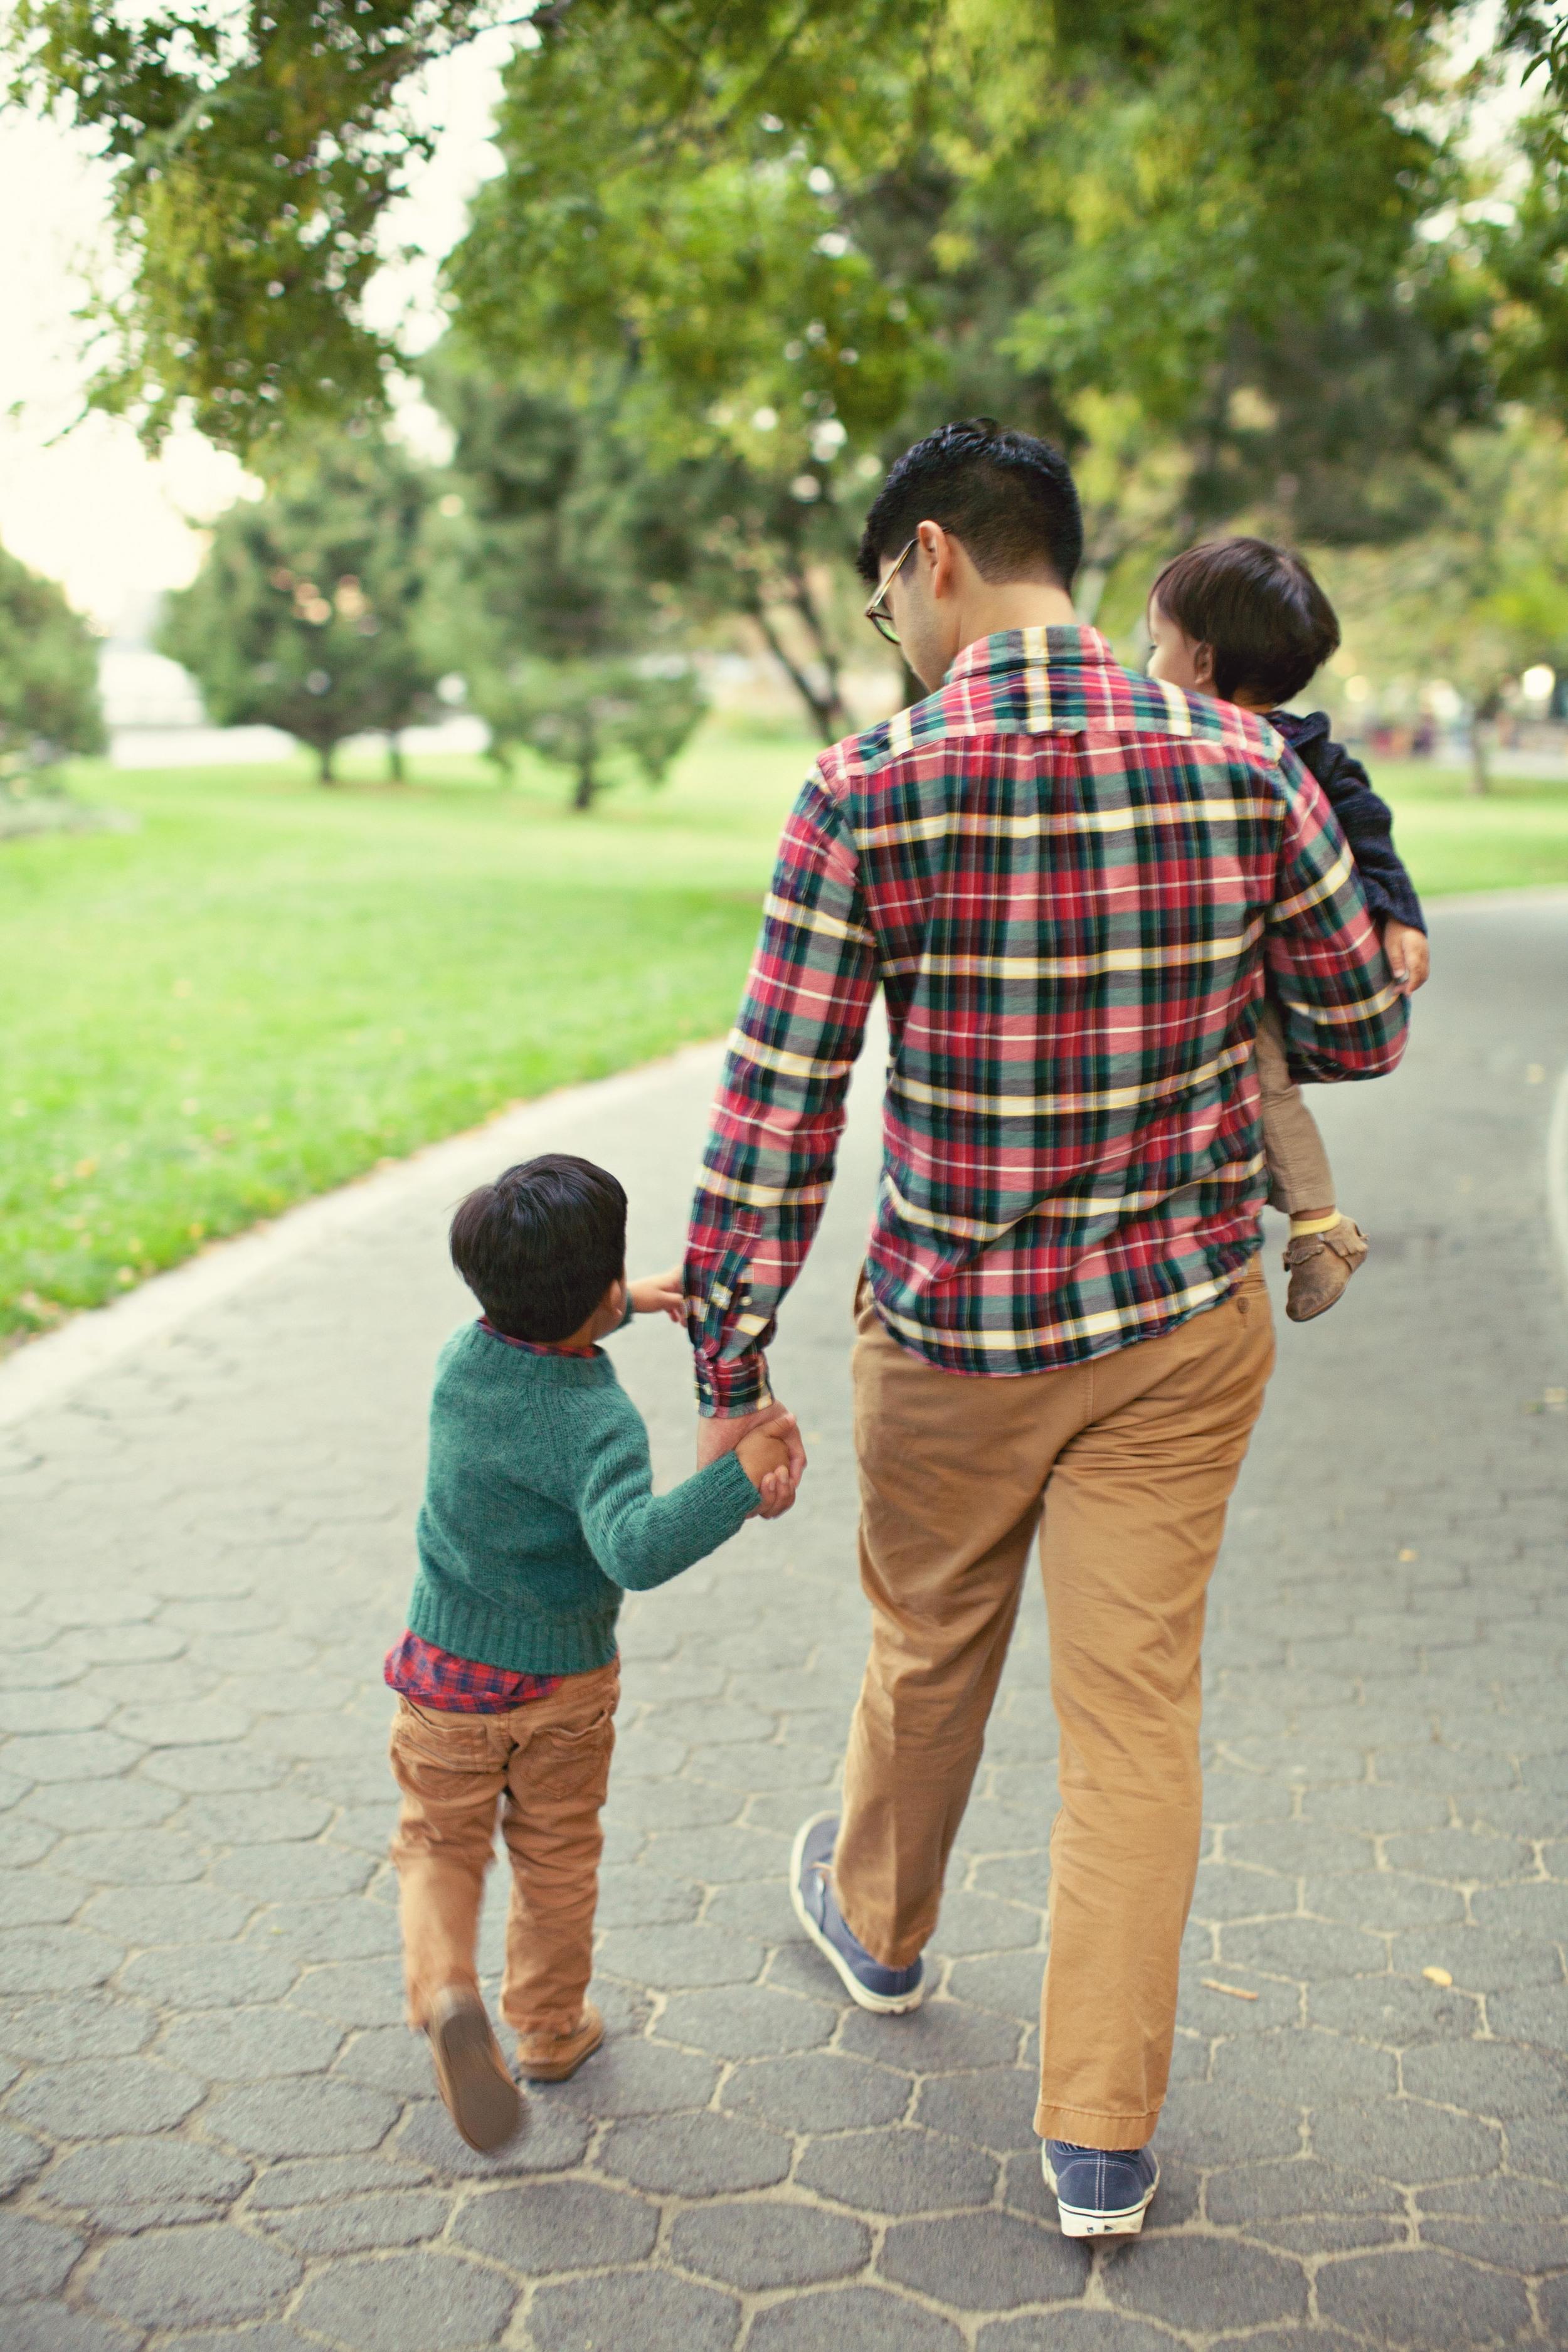 c family141109173blog.jpg